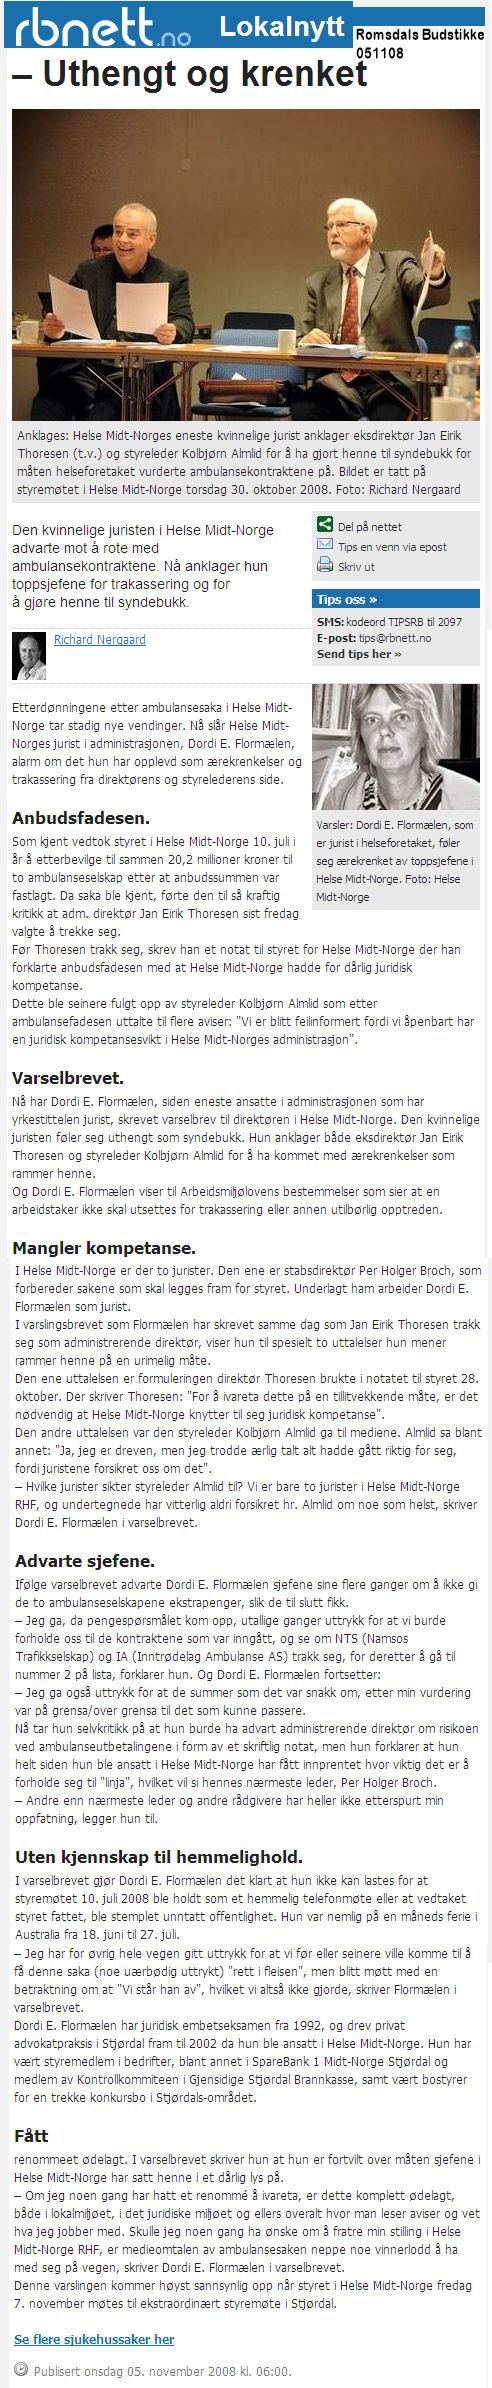 Thoresen3_UthengtKrenketJurist.jpg